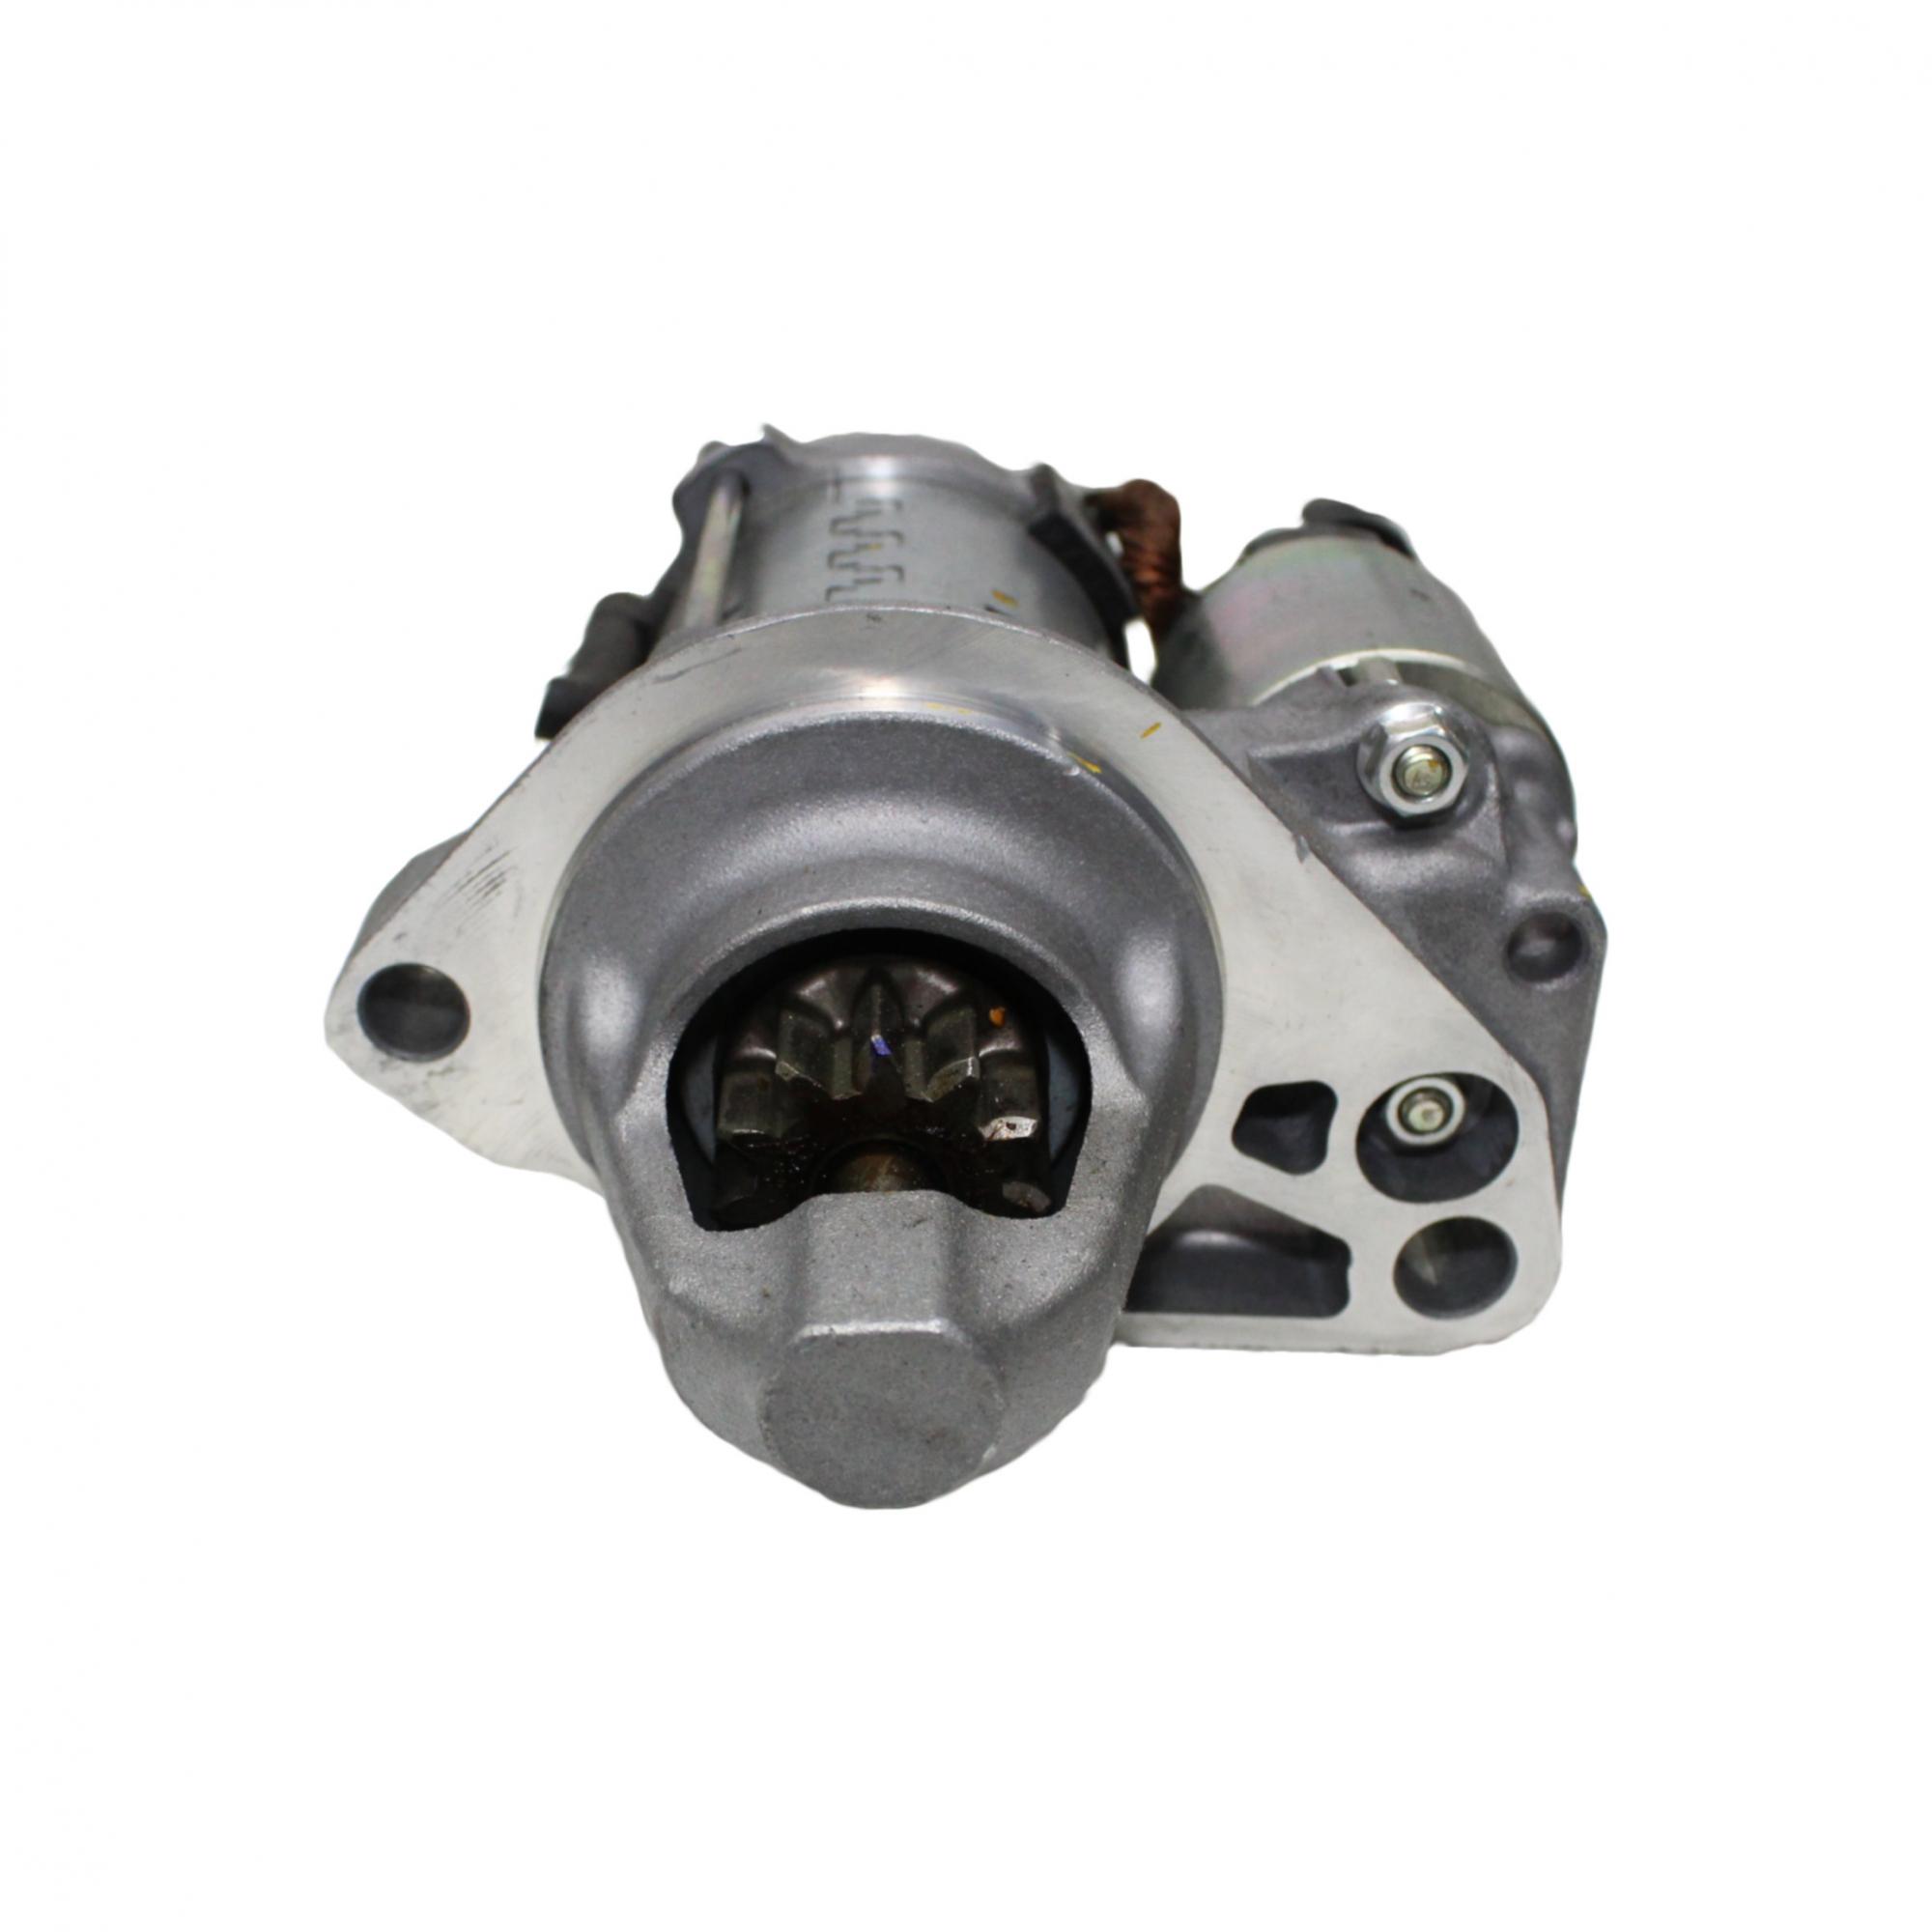 Motor Arranque Partida Honda Civic 12...15 Manual 420008190